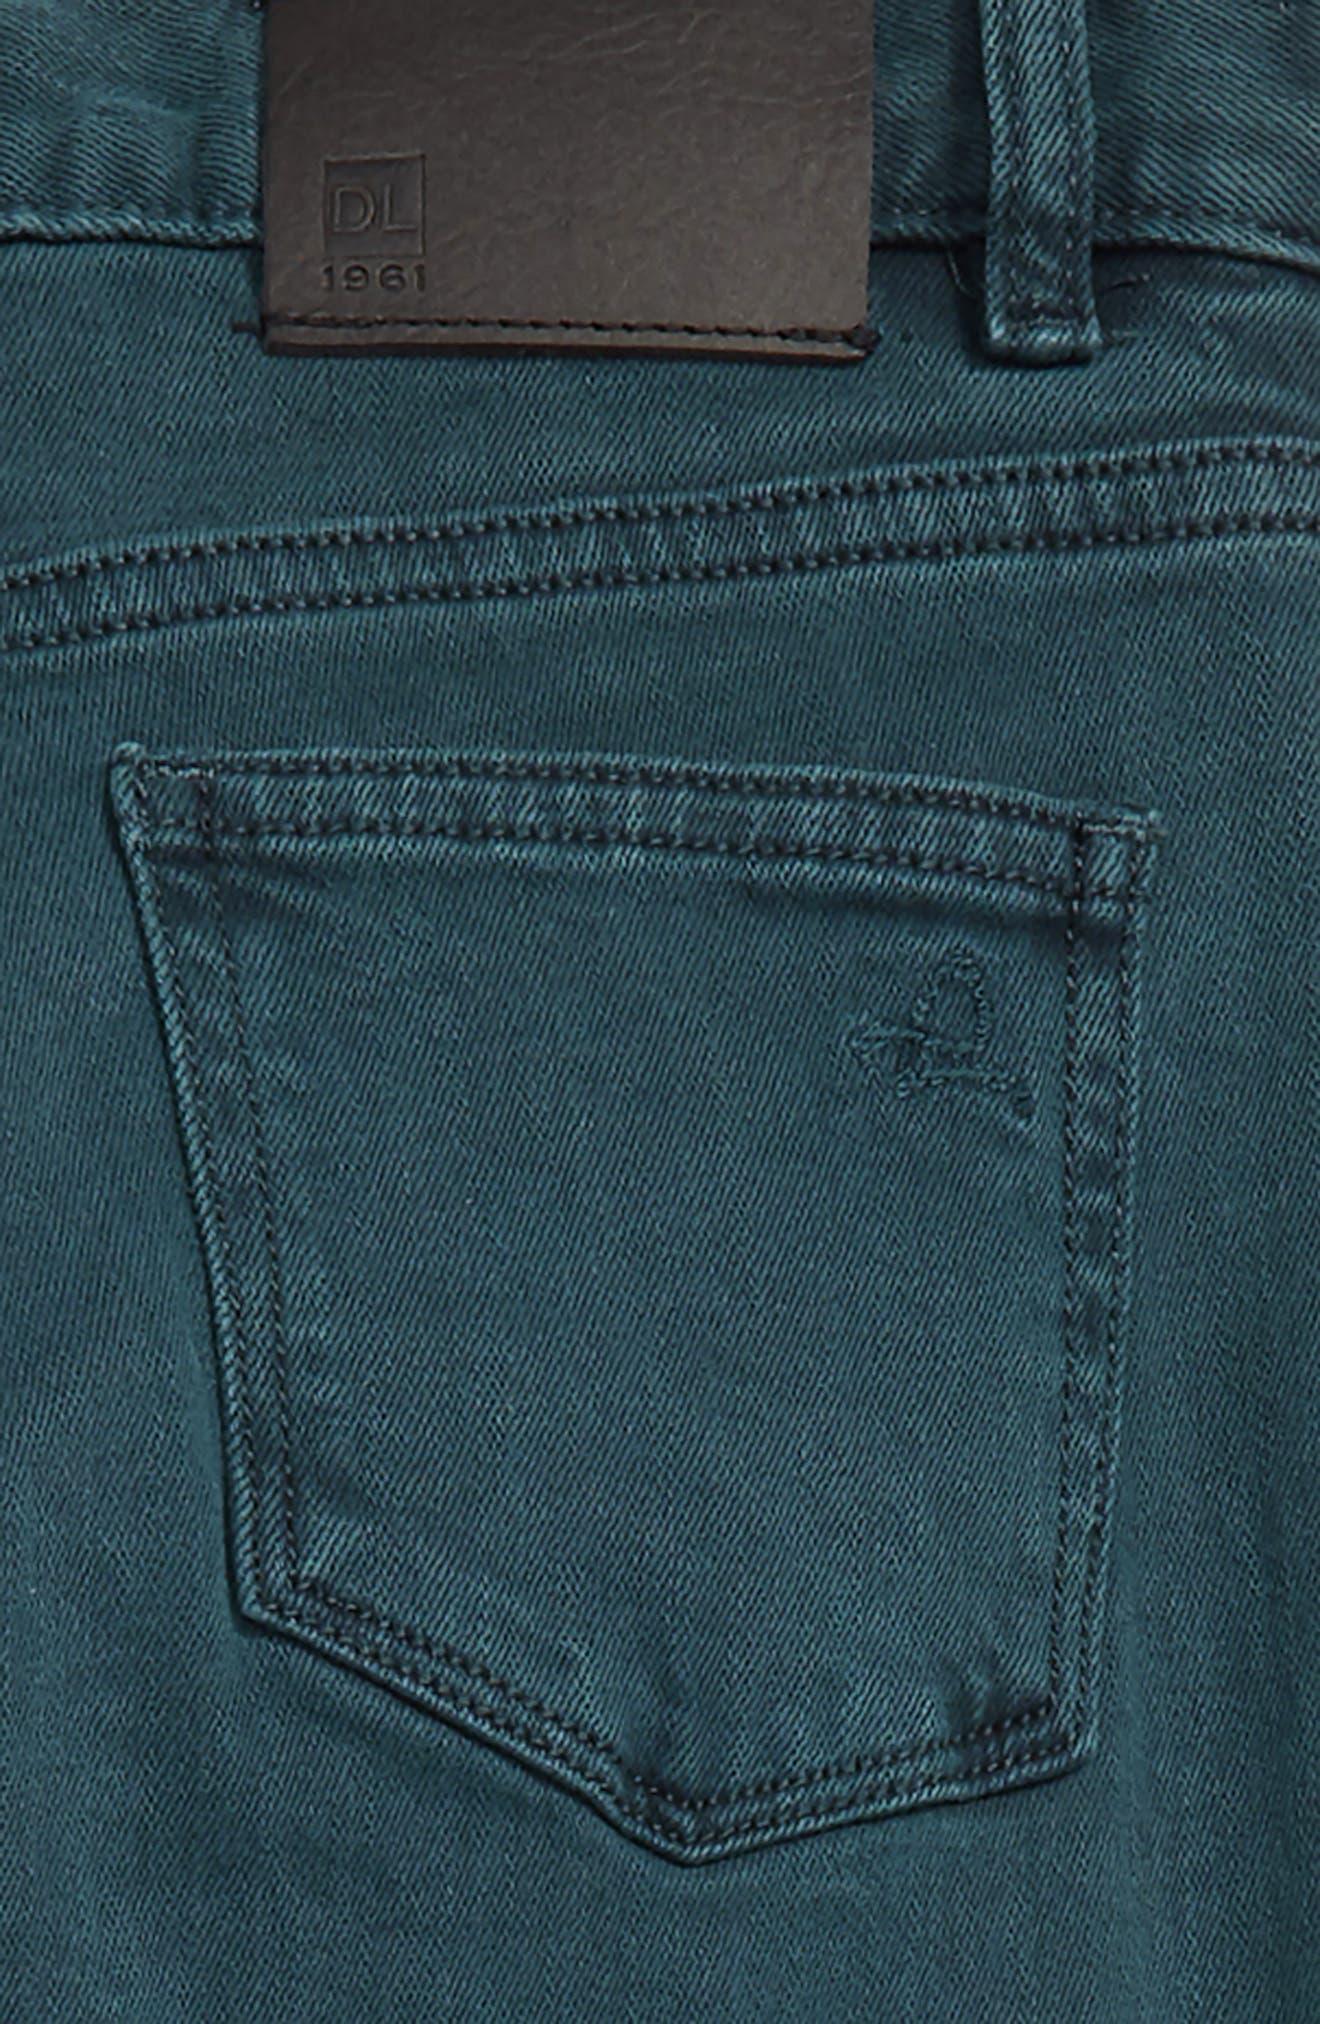 Hawke Skinny Jeans,                             Alternate thumbnail 3, color,                             BRUH